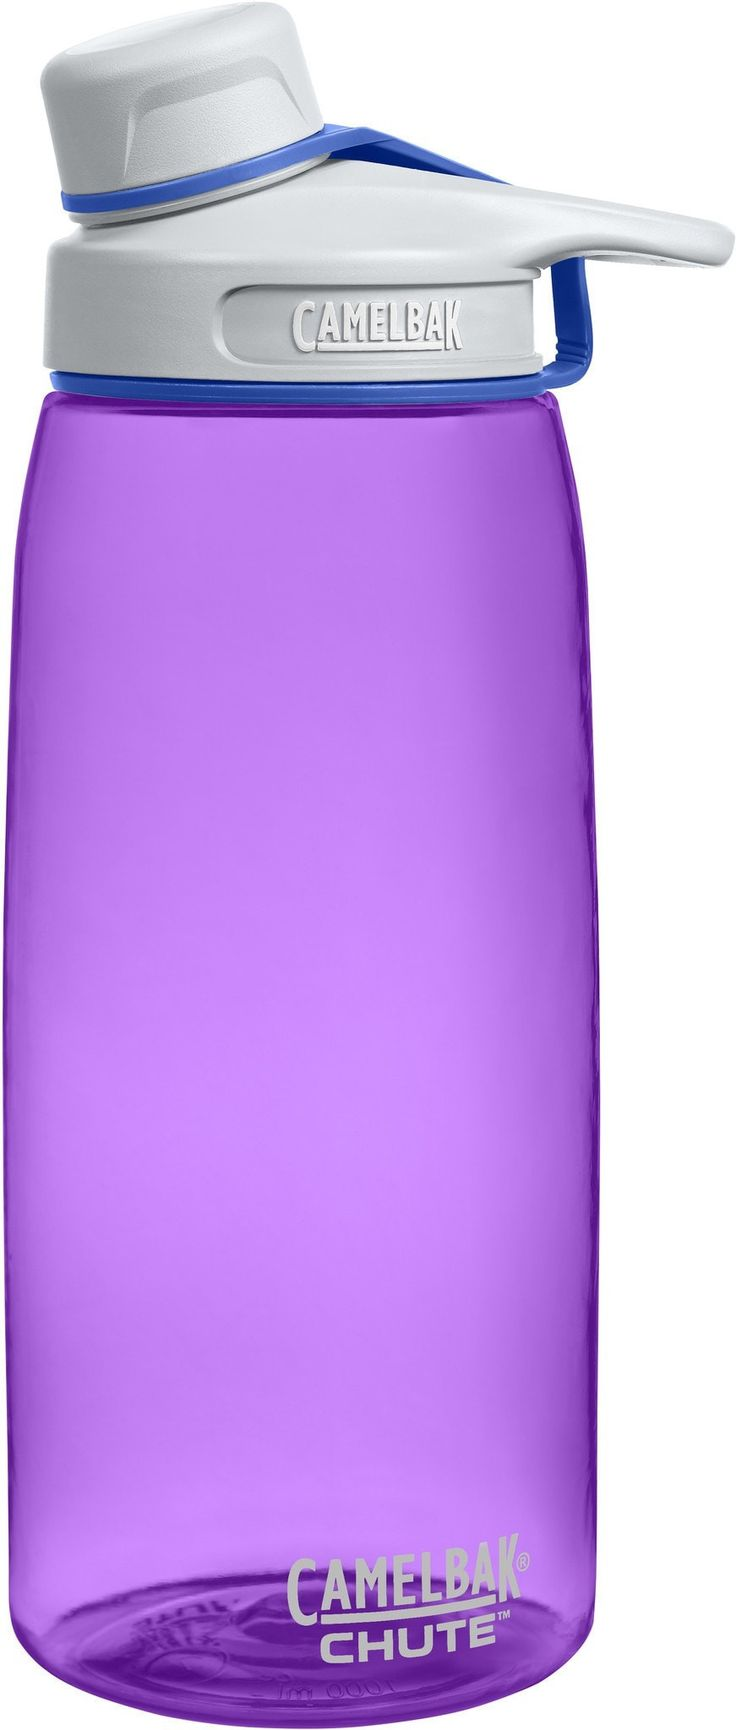 Camelbak 1L Chute BPA Free Water Bottle